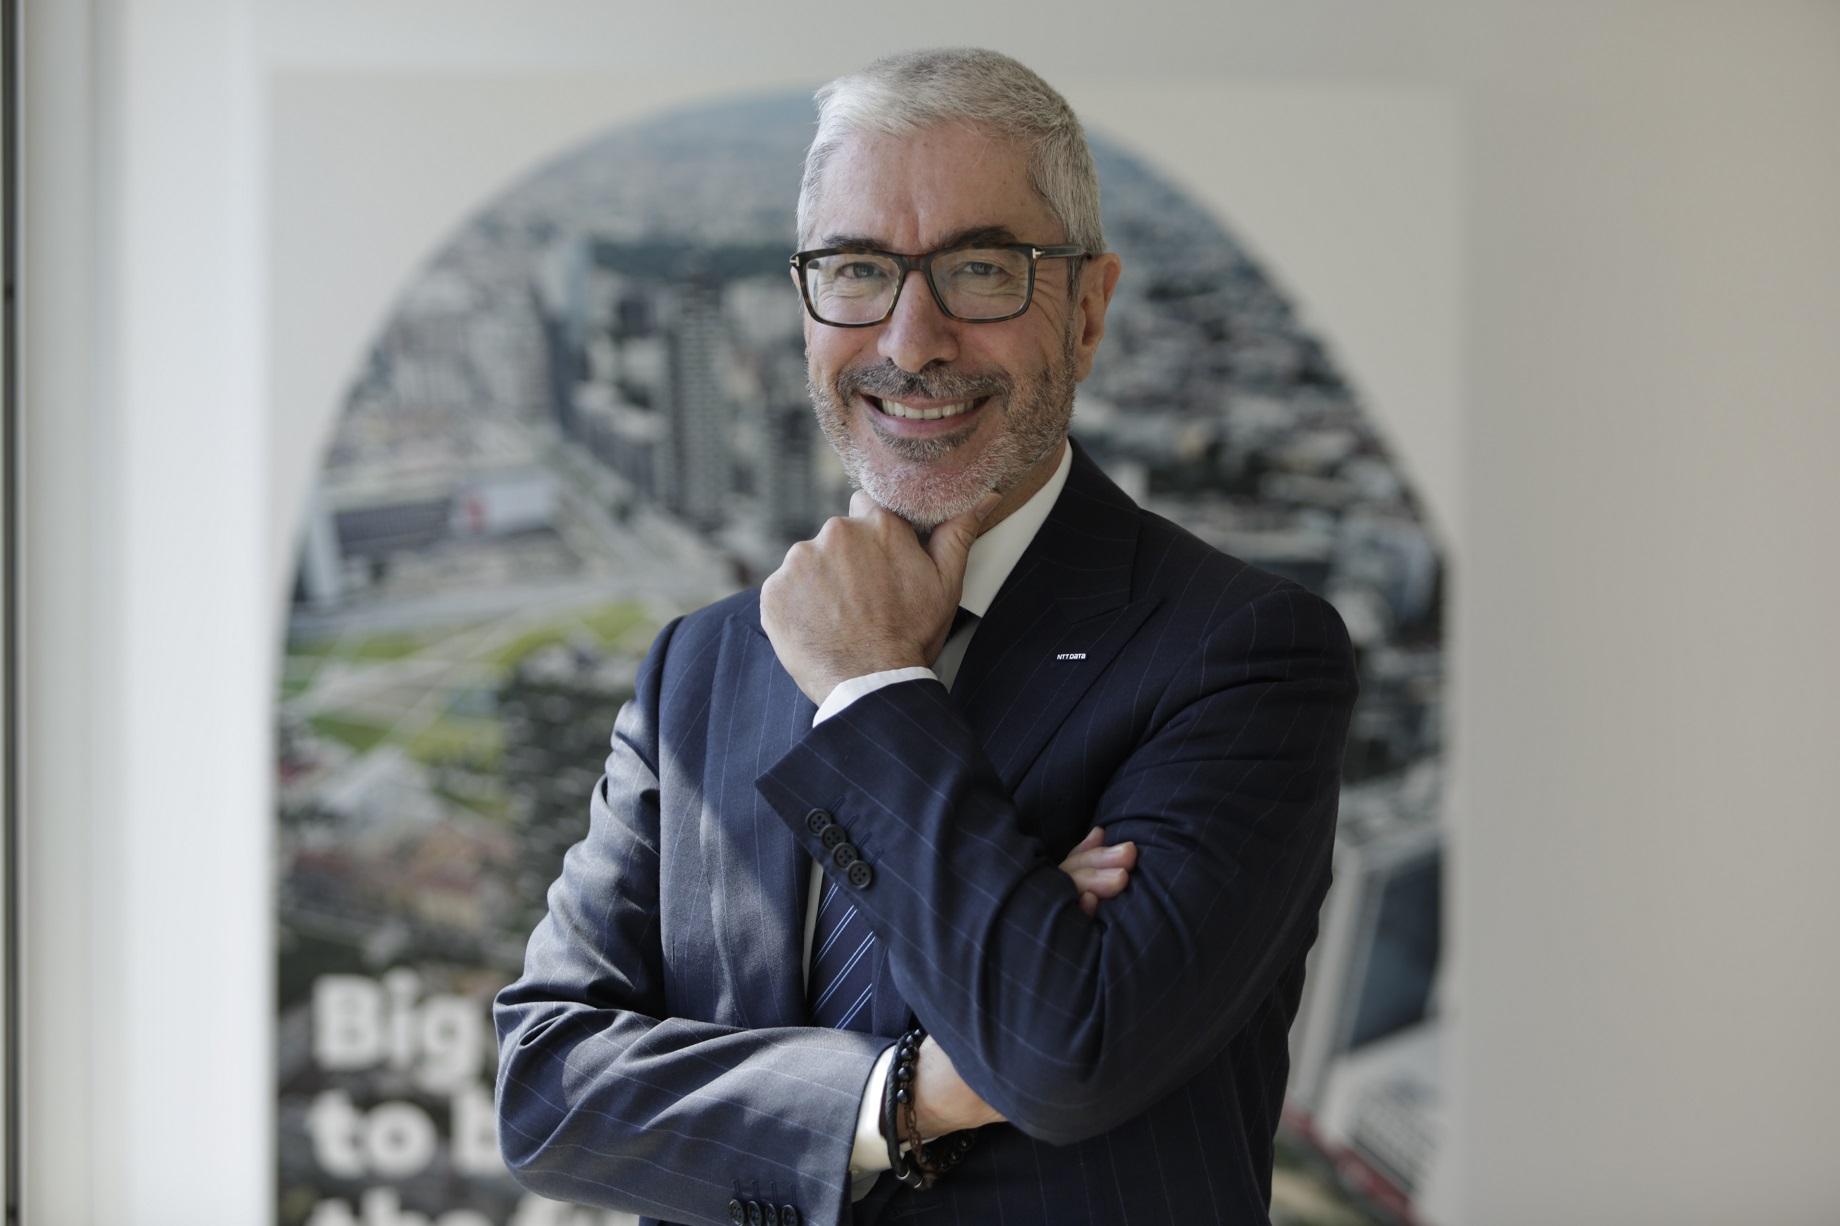 Walter Ruffinoni, NTT Data